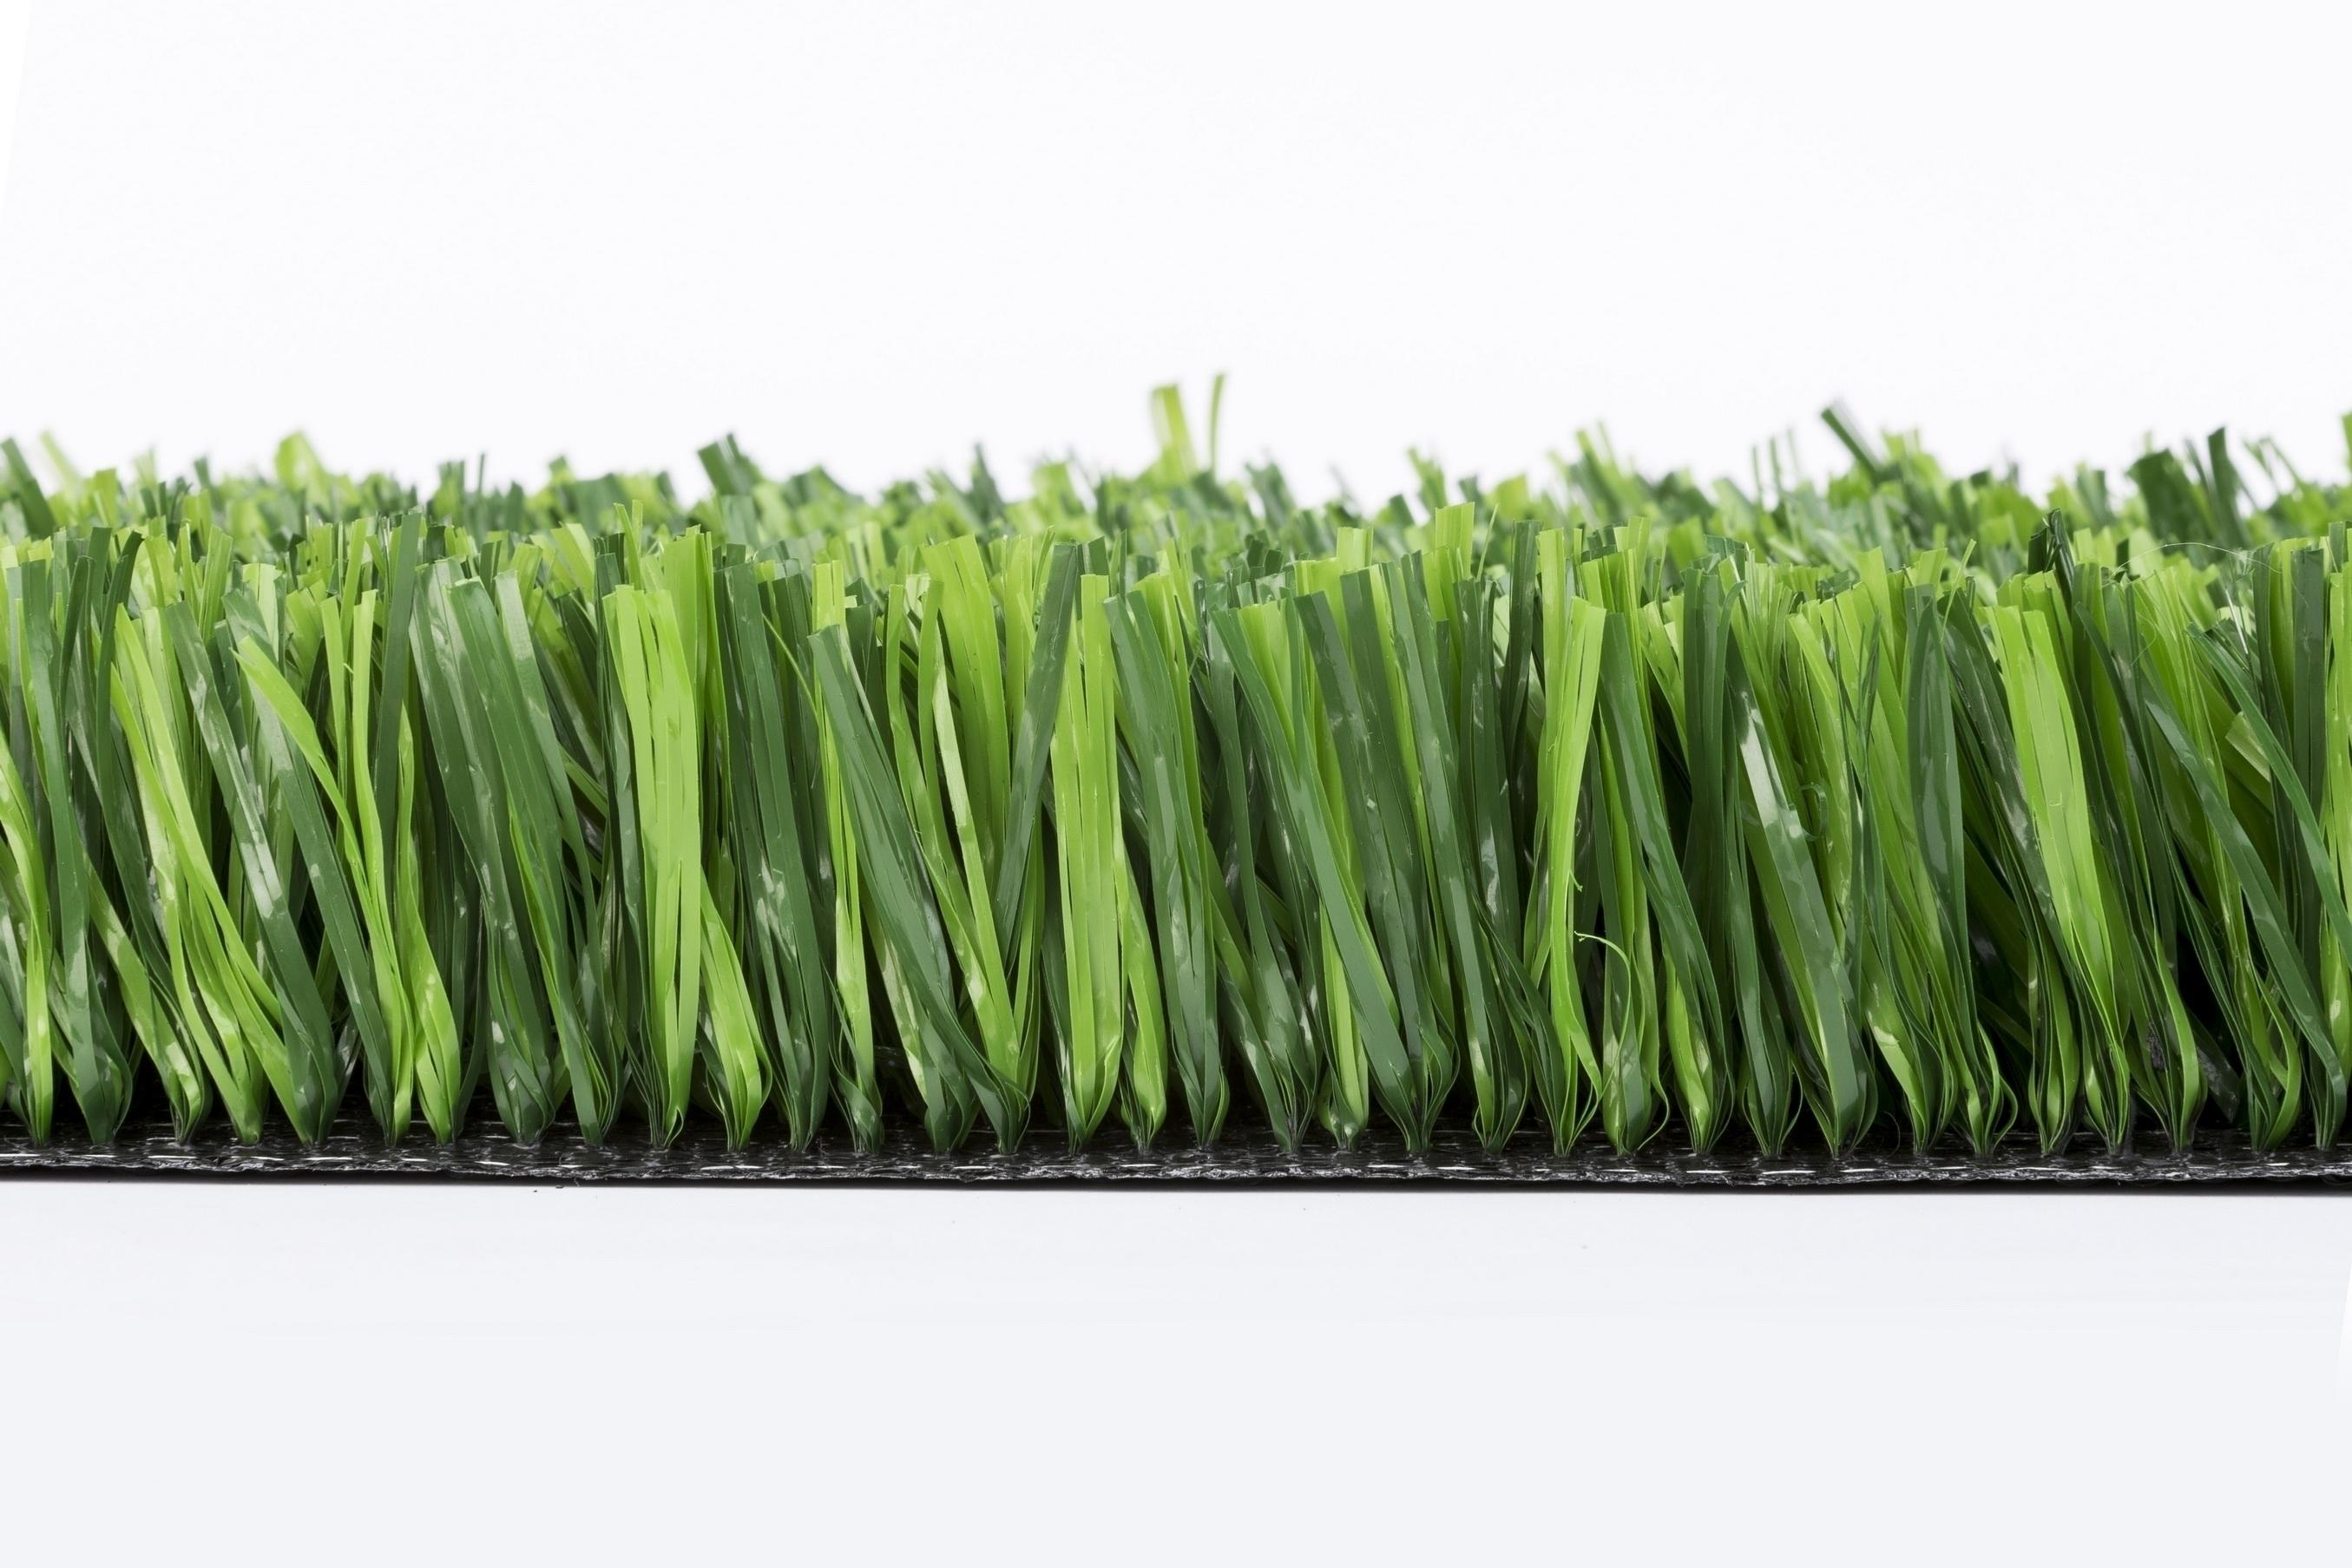 Искусственная трава Hatko (Турция) - Duograss изображение 2